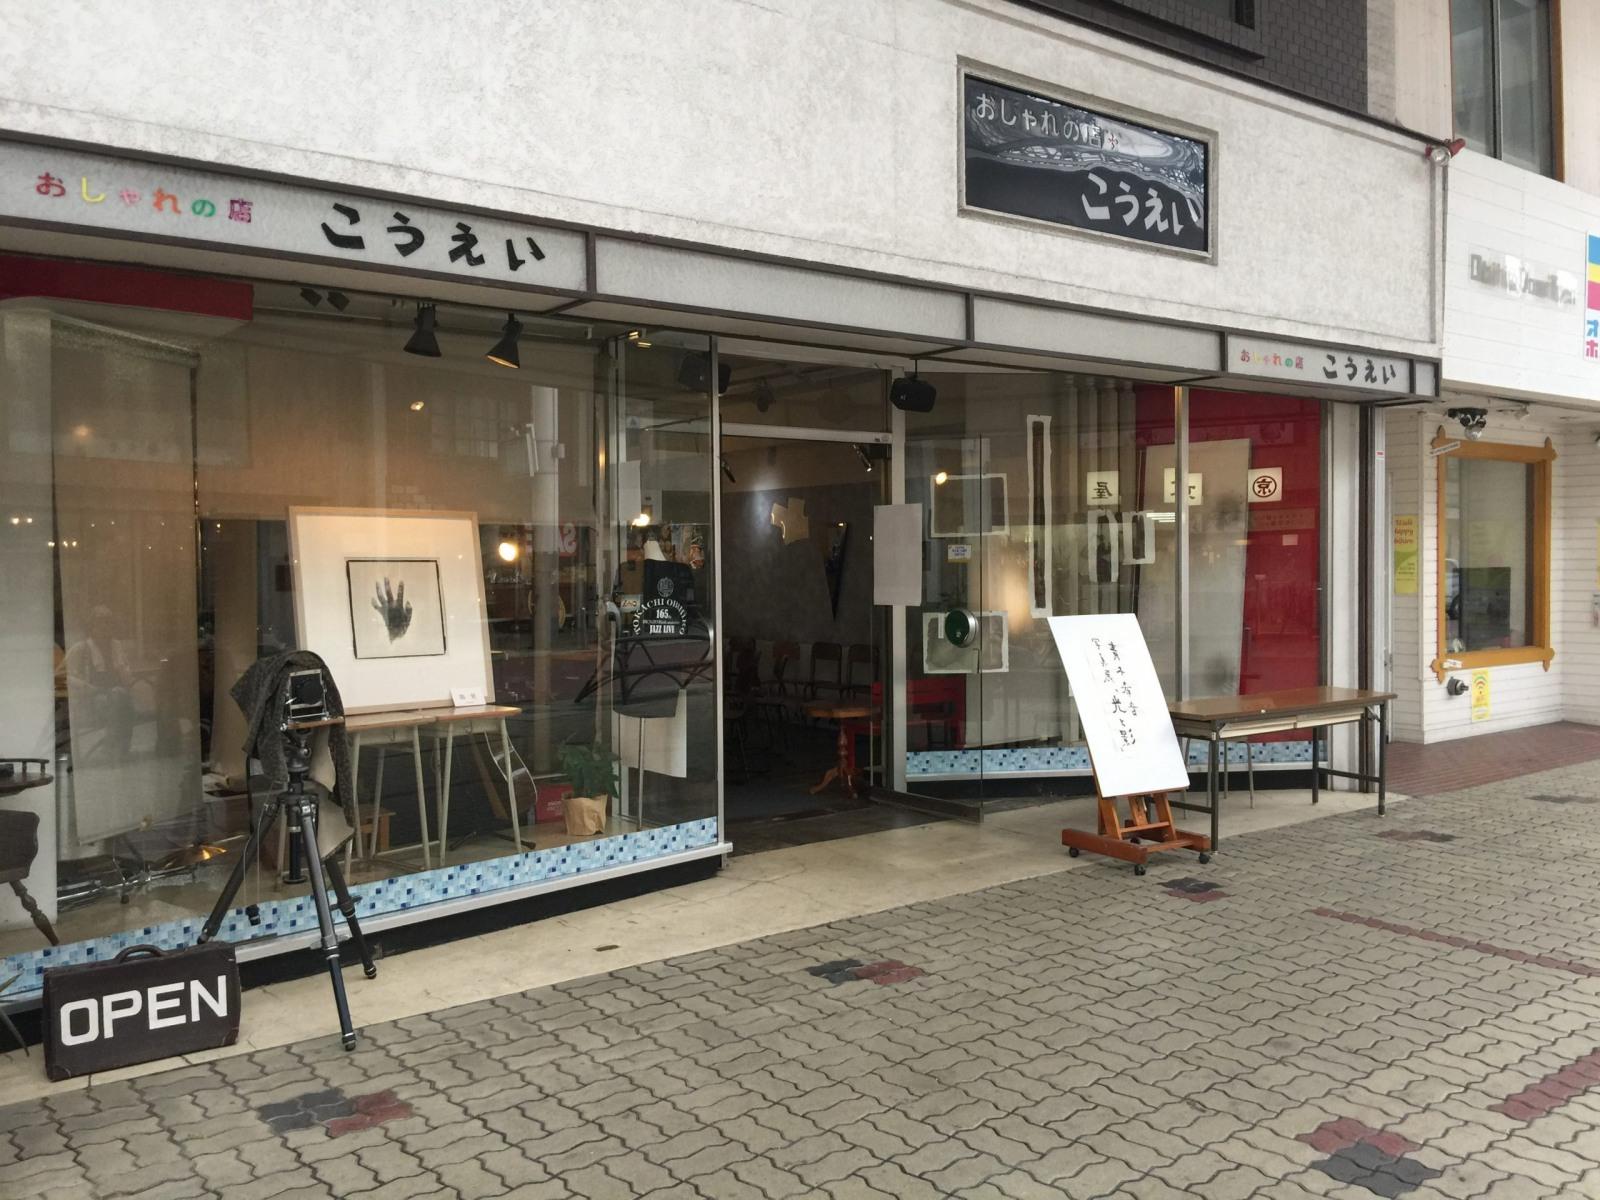 ギャラリー光影 (Gallery Kouei)